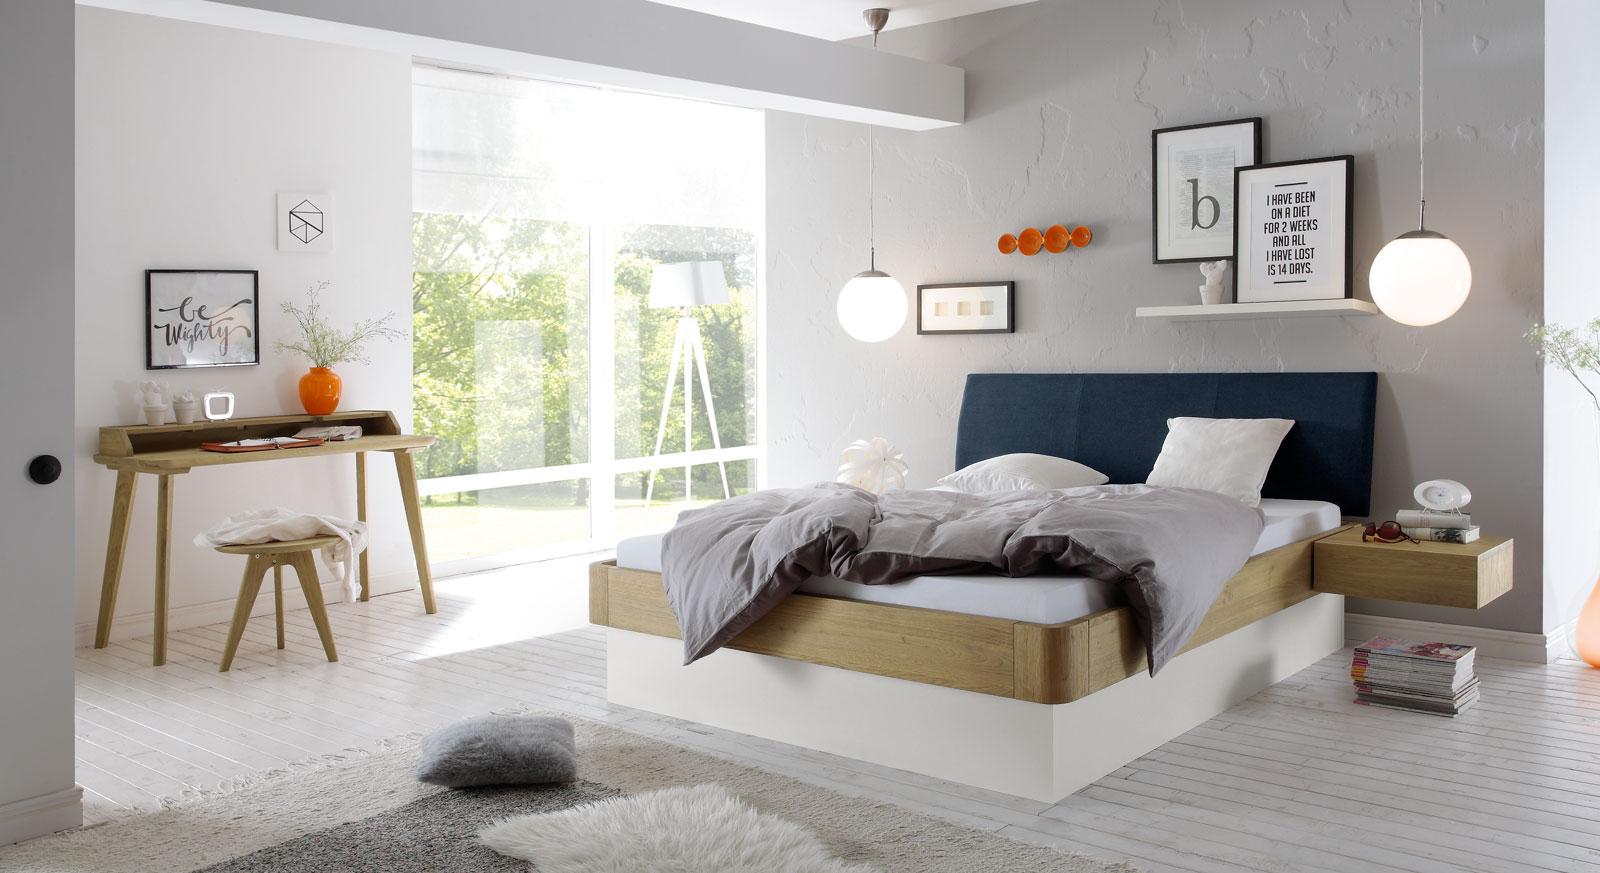 Passende Produkte zum Bett Majuro